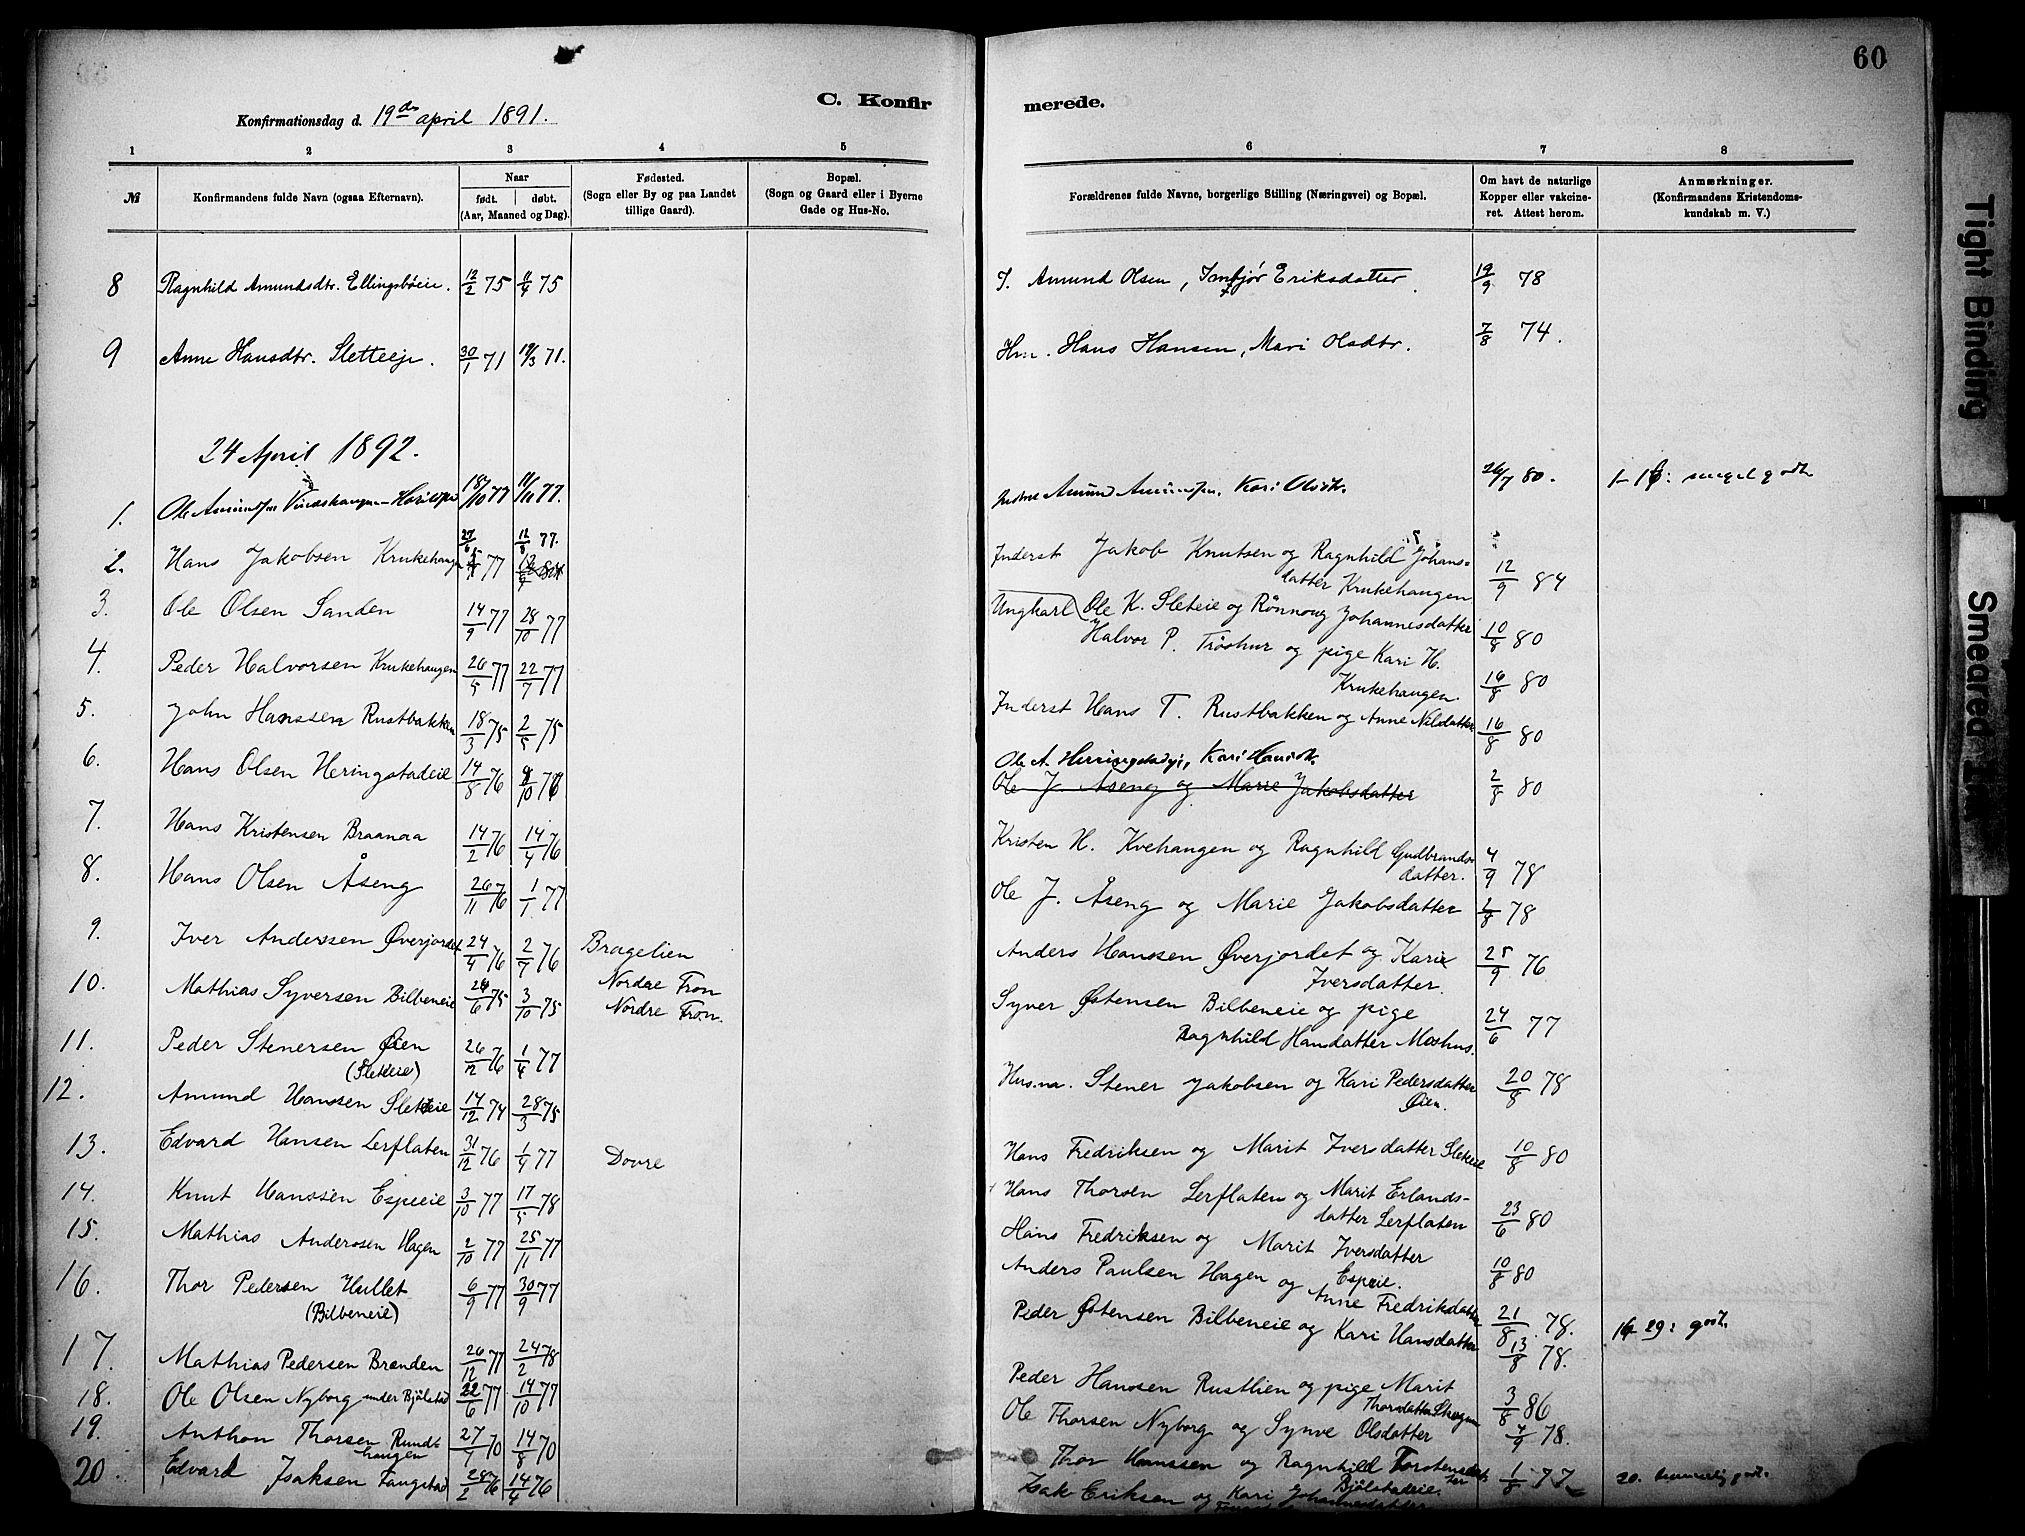 SAH, Vågå prestekontor, Parish register (official) no. 10, 1887-1904, p. 60